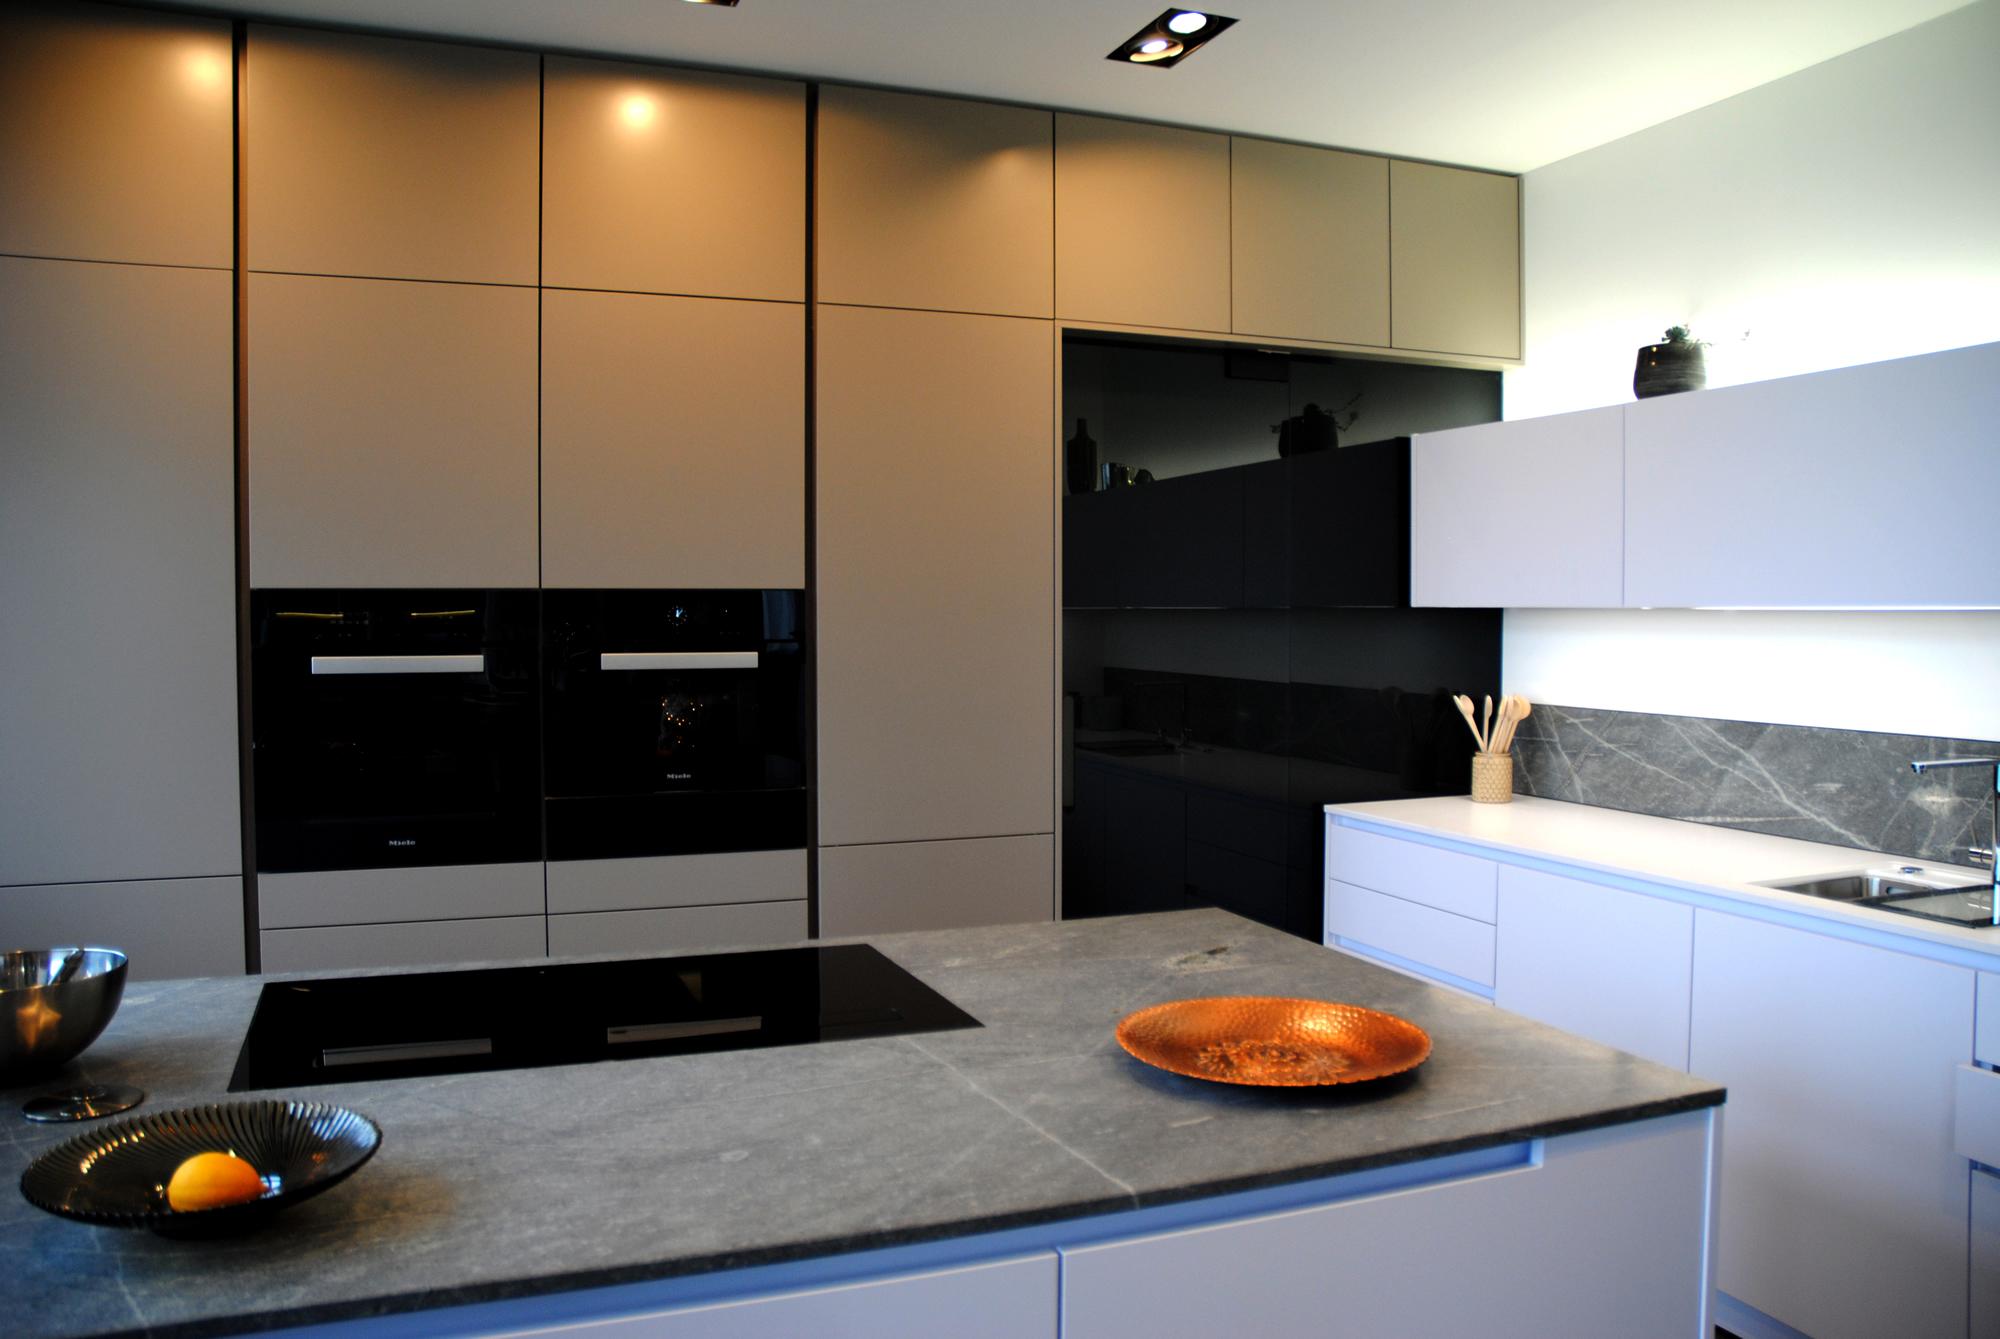 Küche – Schranktür aus getönten Glas – Dilisto